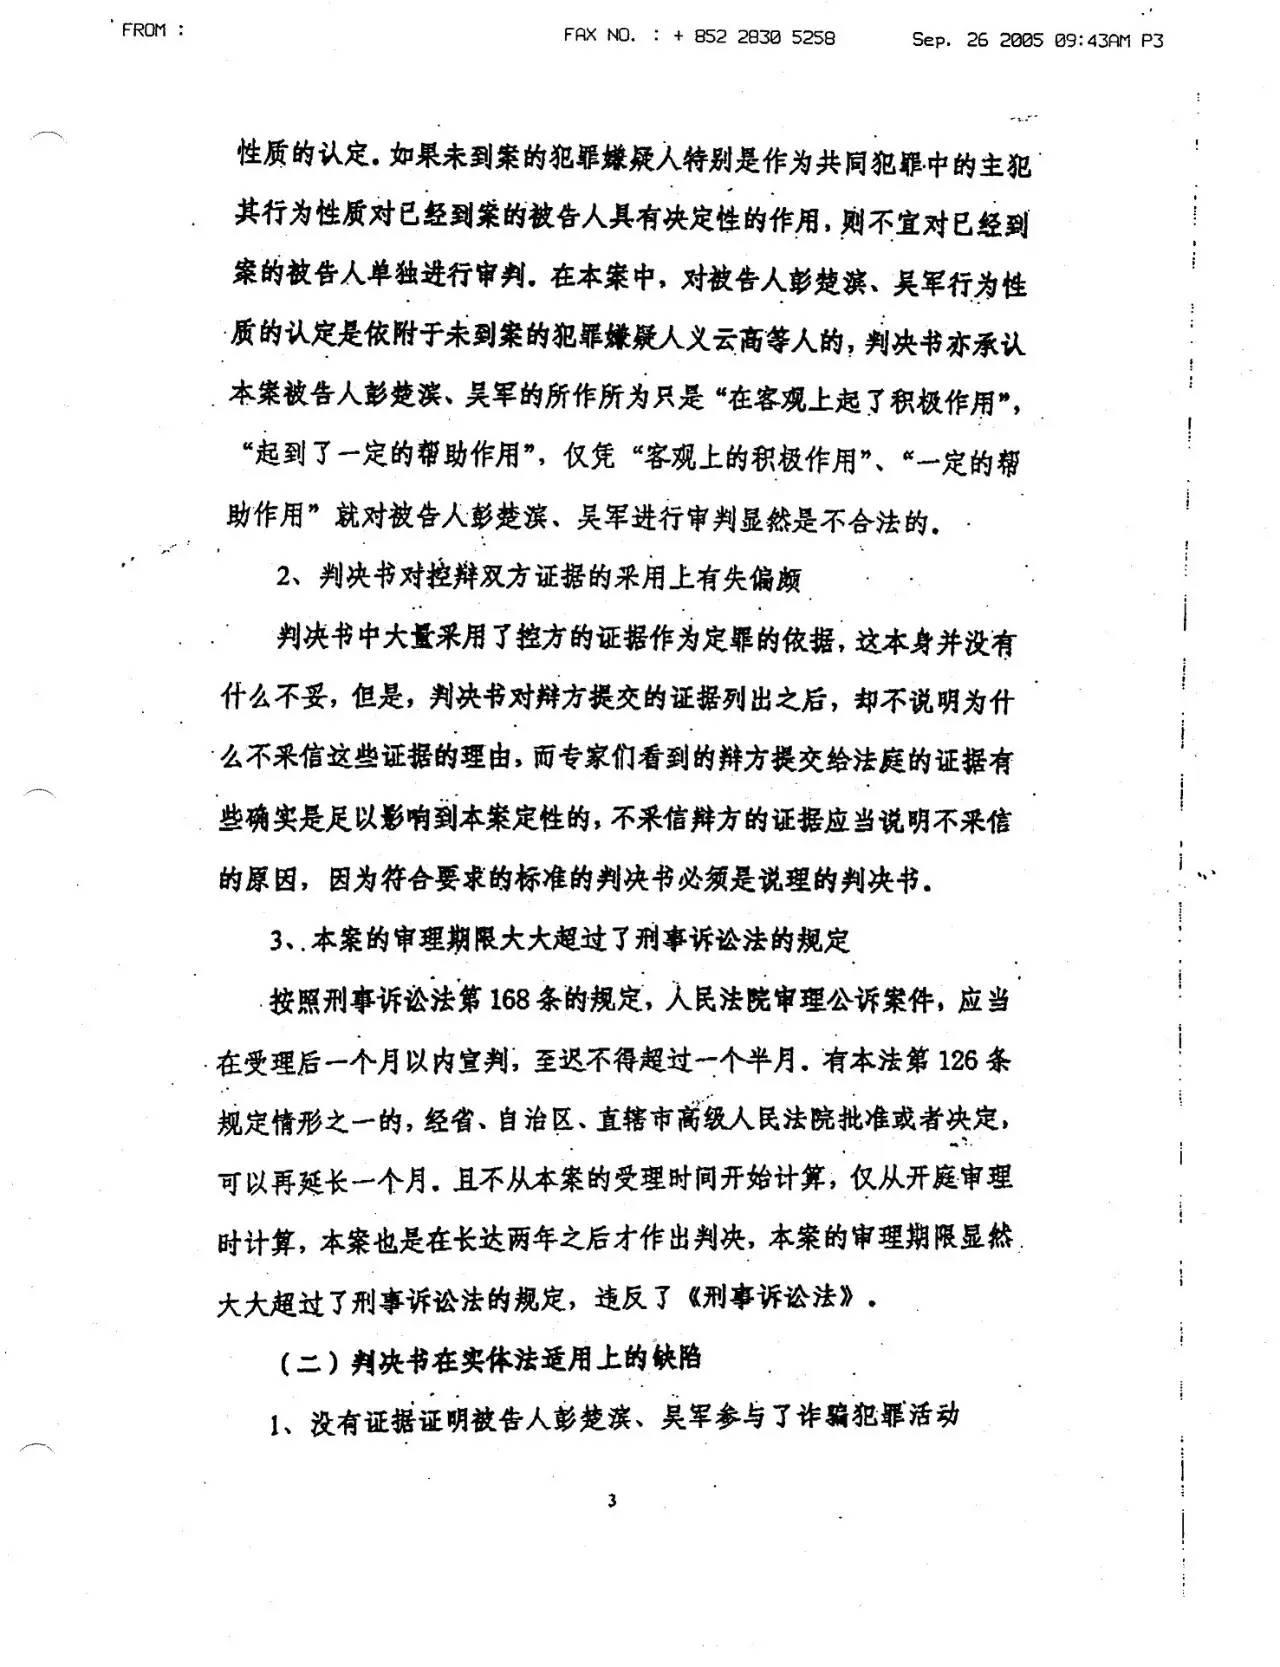 周永康陈绍基陷害第三世多杰羌佛真相曝光 第5张